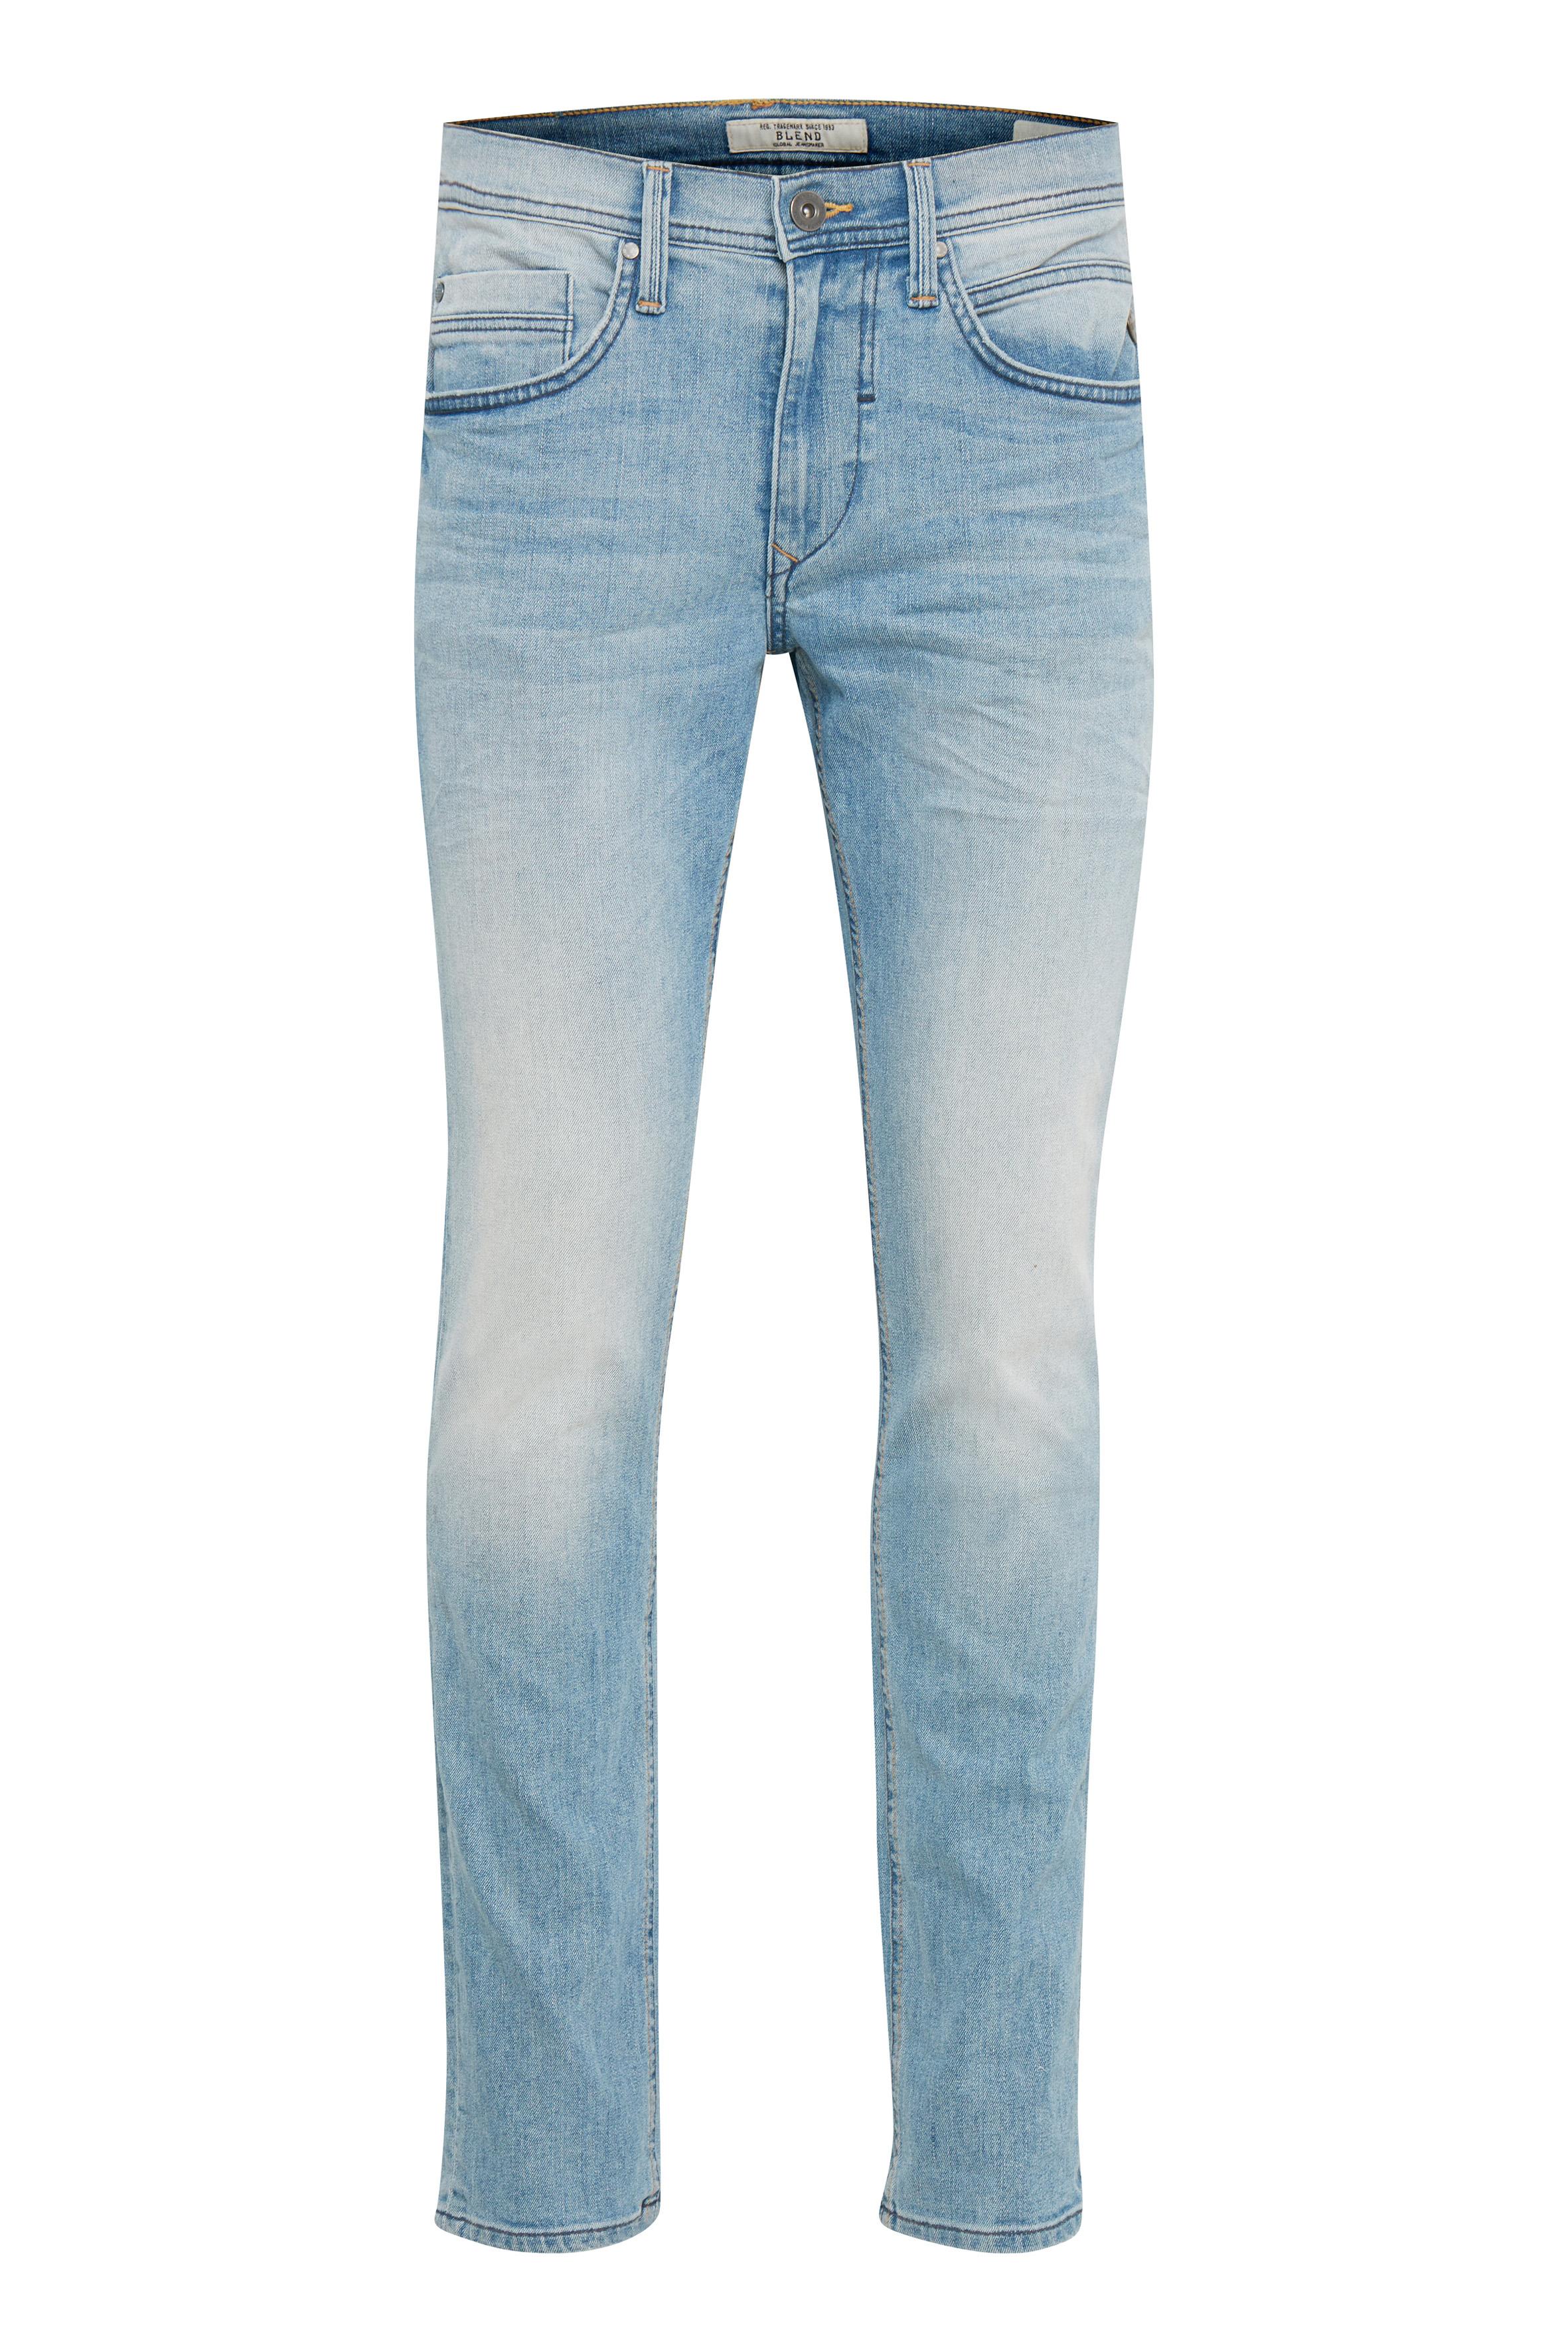 Denim lightblue Twister jeans fra Blend He – Køb Denim lightblue Twister jeans fra str. 27-40 her